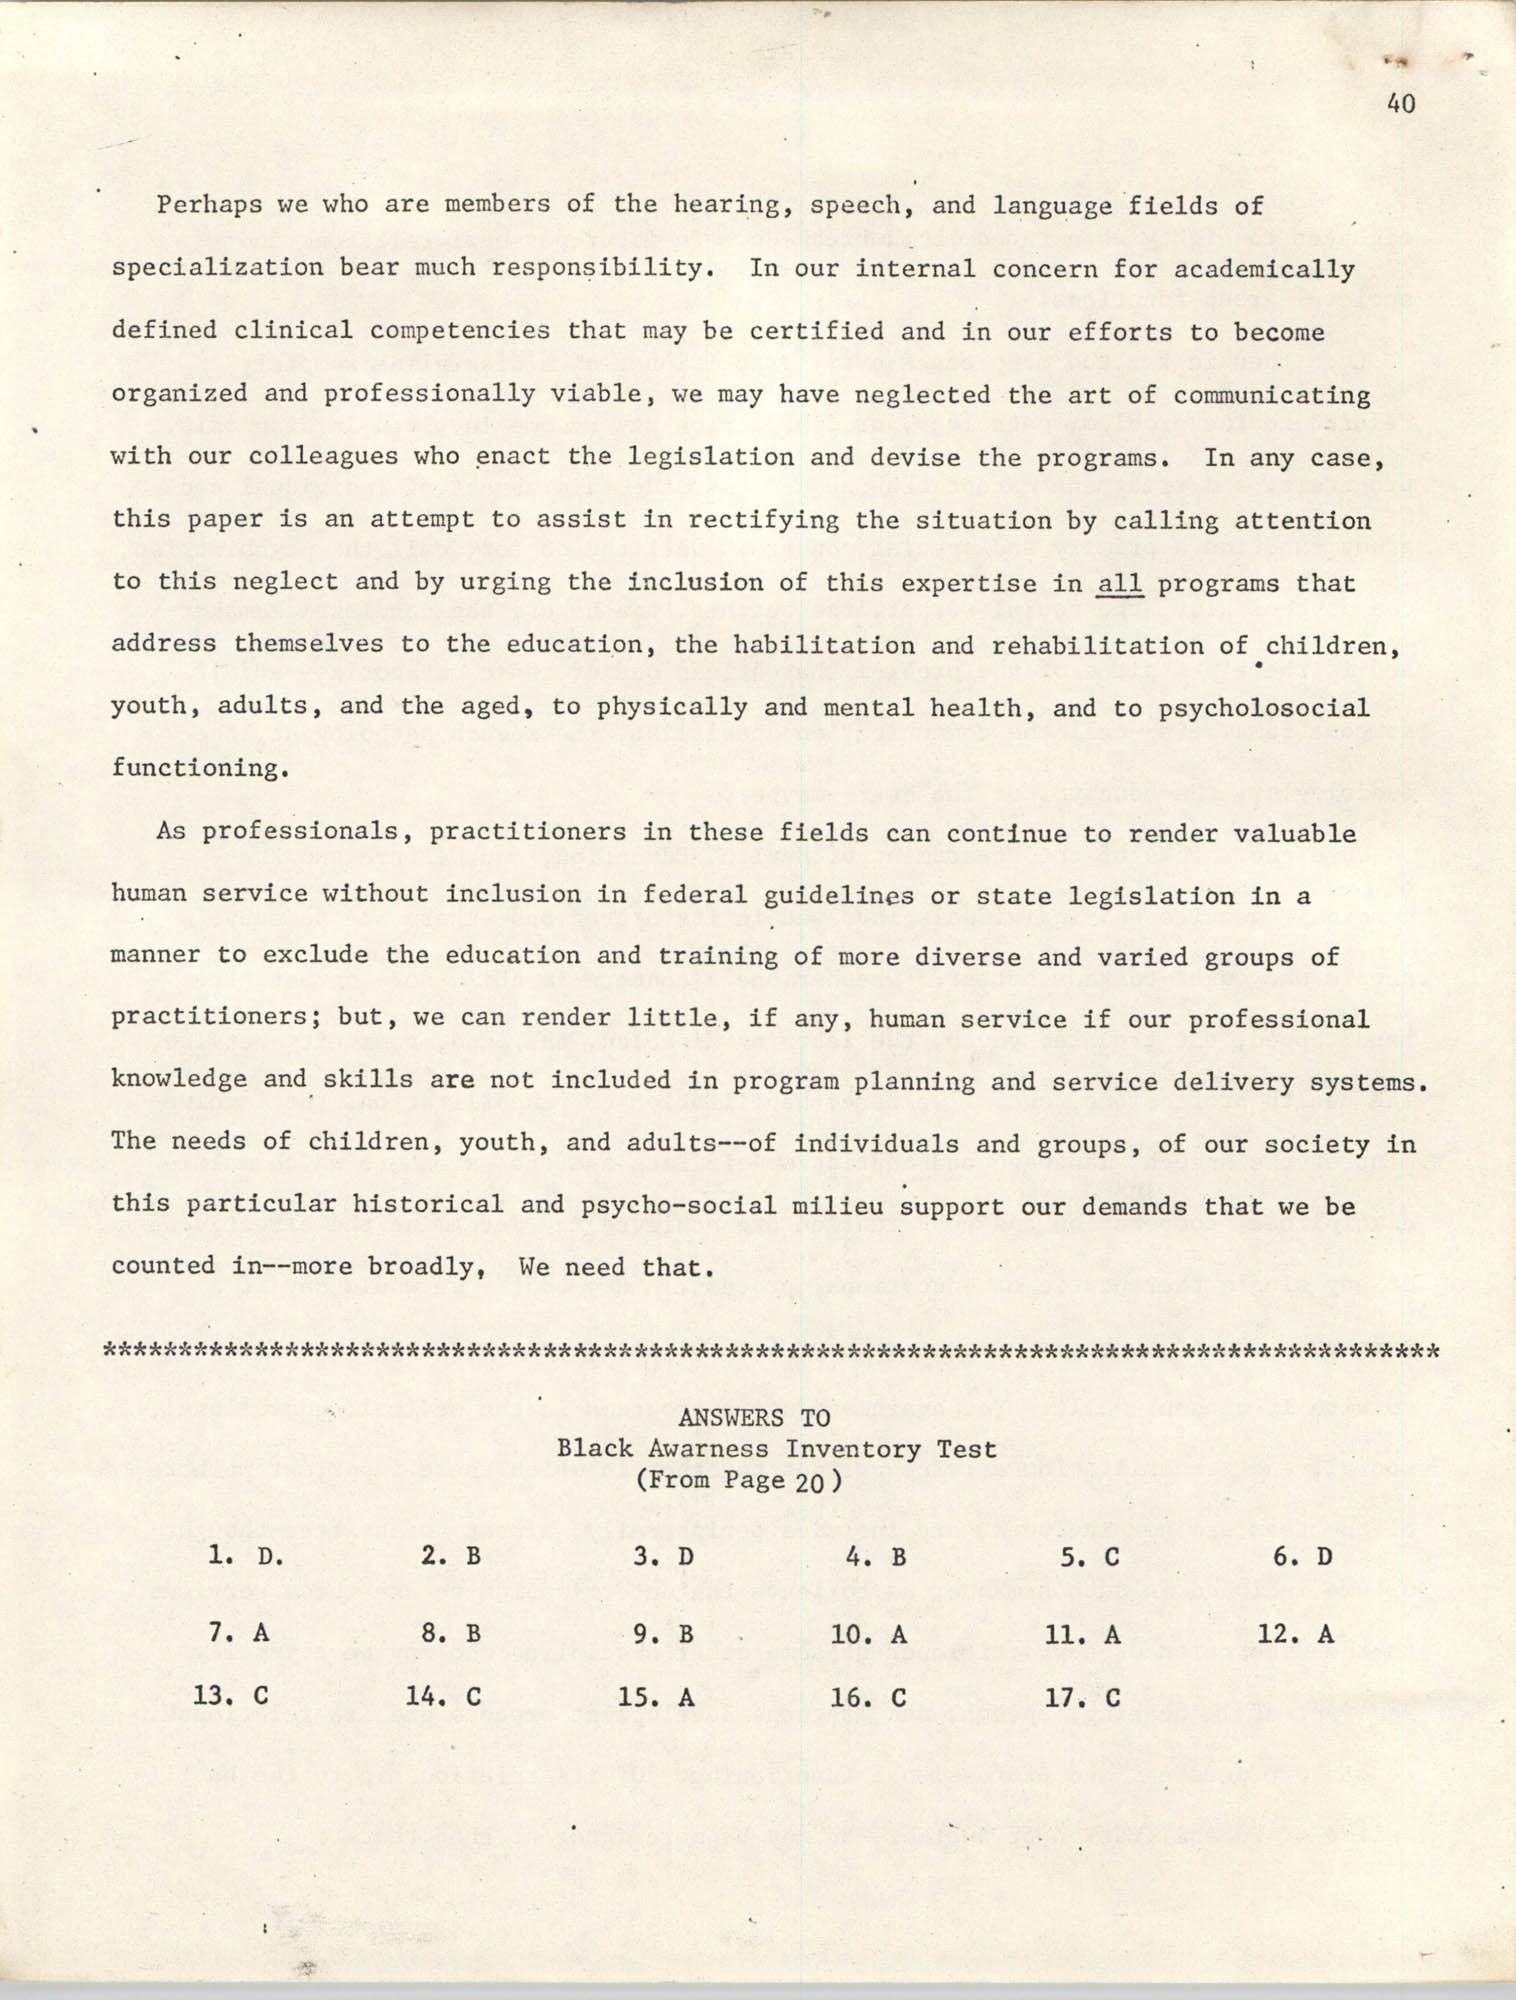 SHARE, Volume I, Number 8, April 1973, Page 40